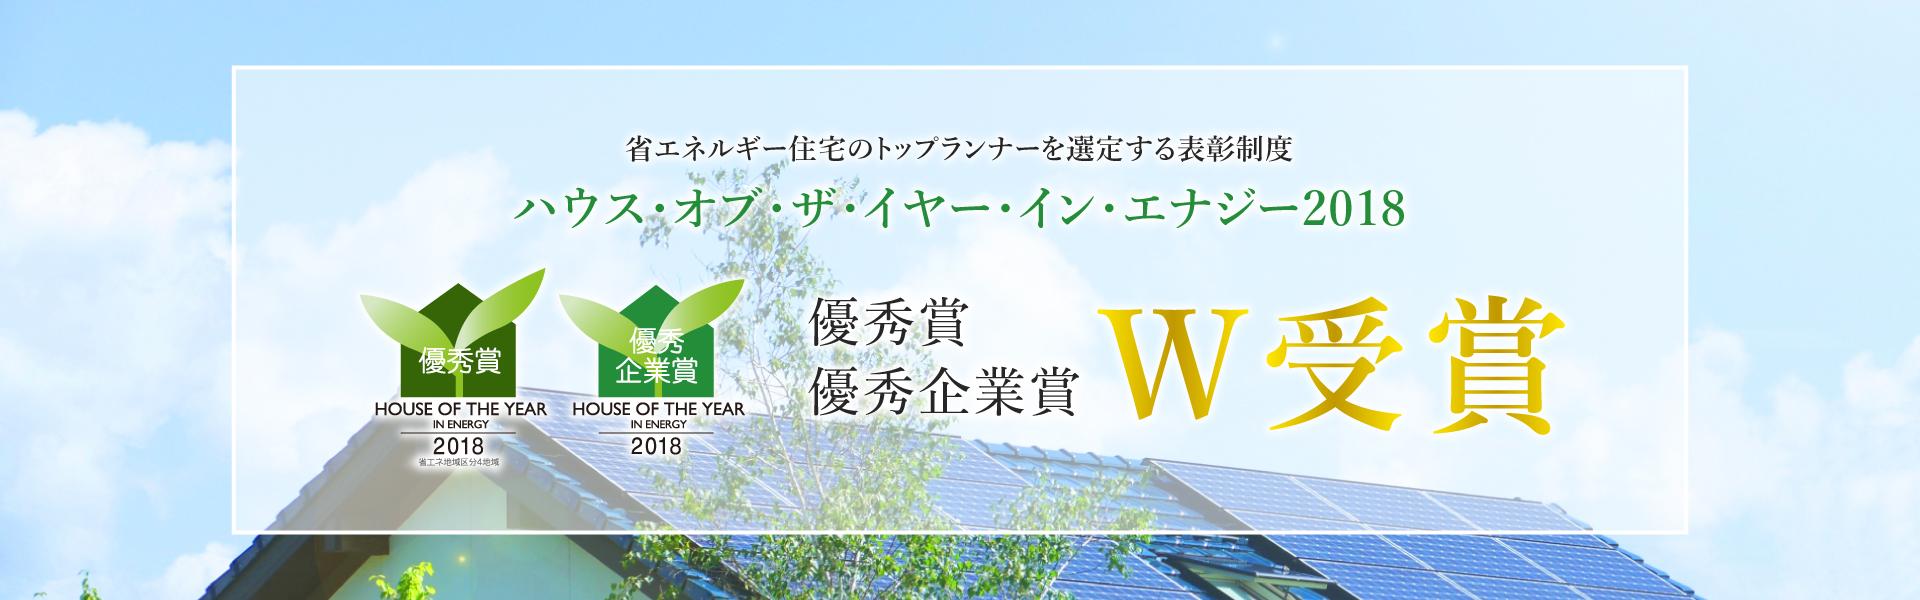 ハウス・オブ・ザ・イン・エナジー2018 優秀賞&優秀企業賞W受賞